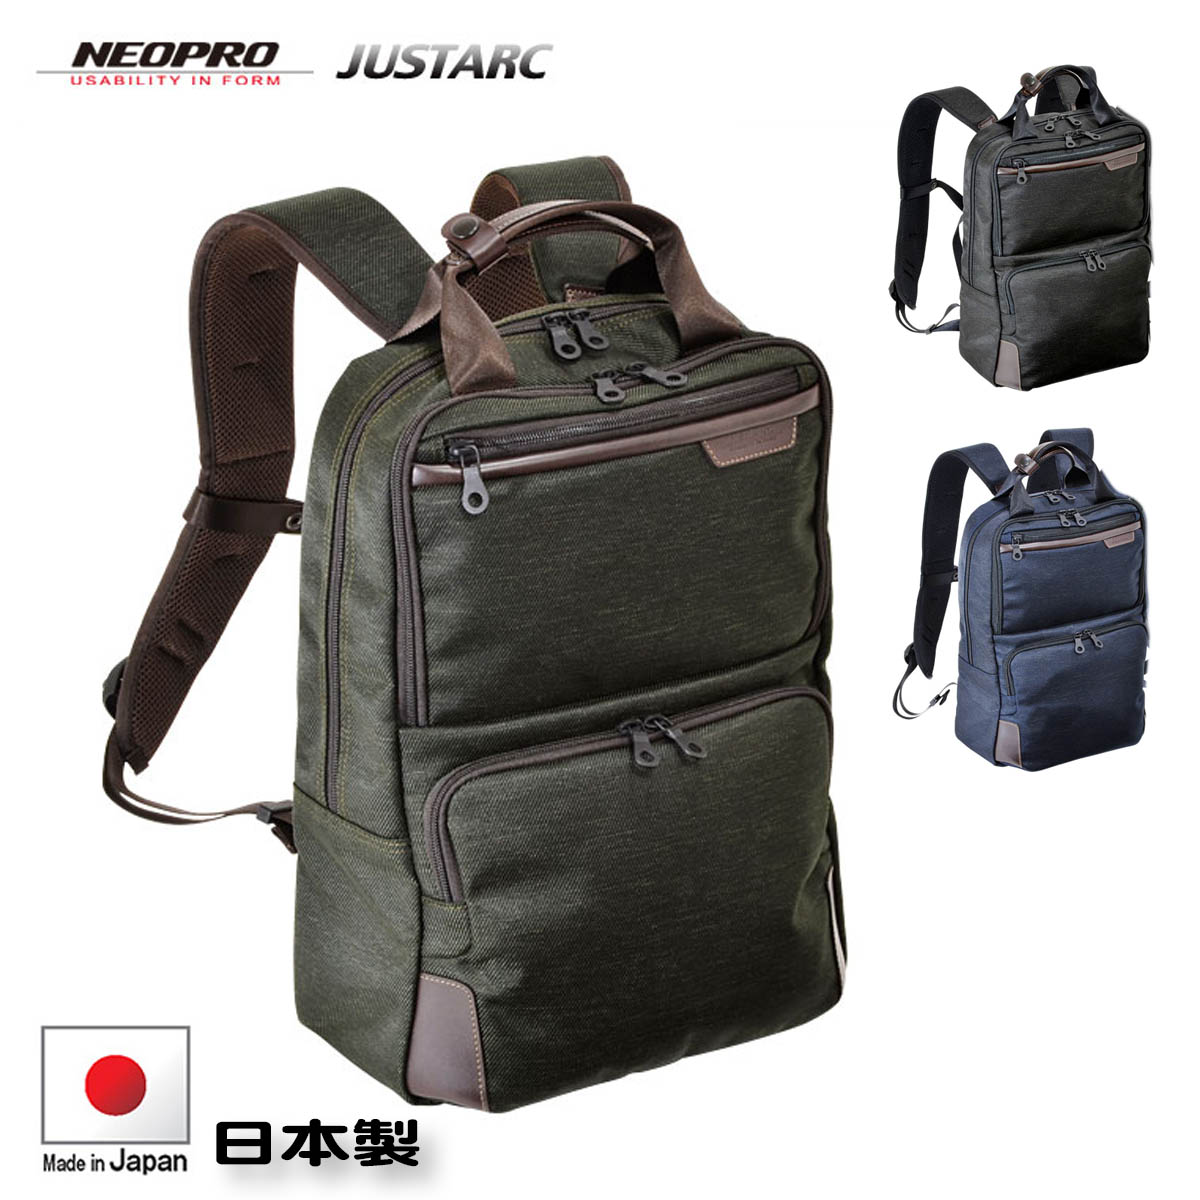 ビジネスバッグ NEOPRO JUSTARC No:7-140 ノートPC対応 リュック タイプ すっきり持てる シングルマチ 信頼の日本製 背負いやすい グランドアーク システム採用 通勤 通学 就活 多機能 エンドー鞄